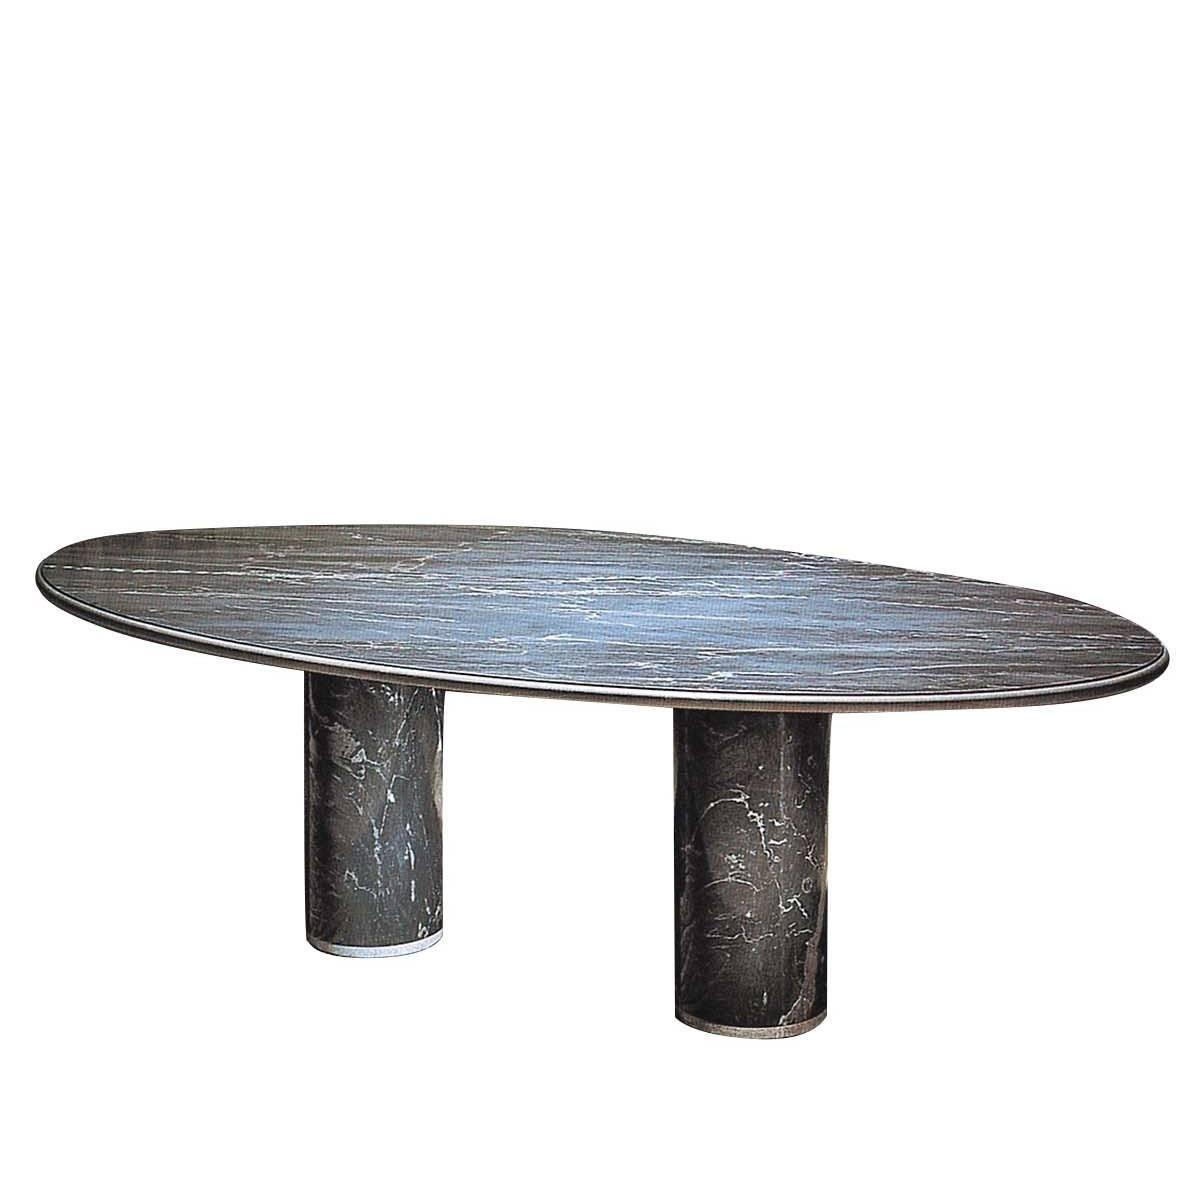 Ovale del Giardiniere Table by Achille Castiglioni